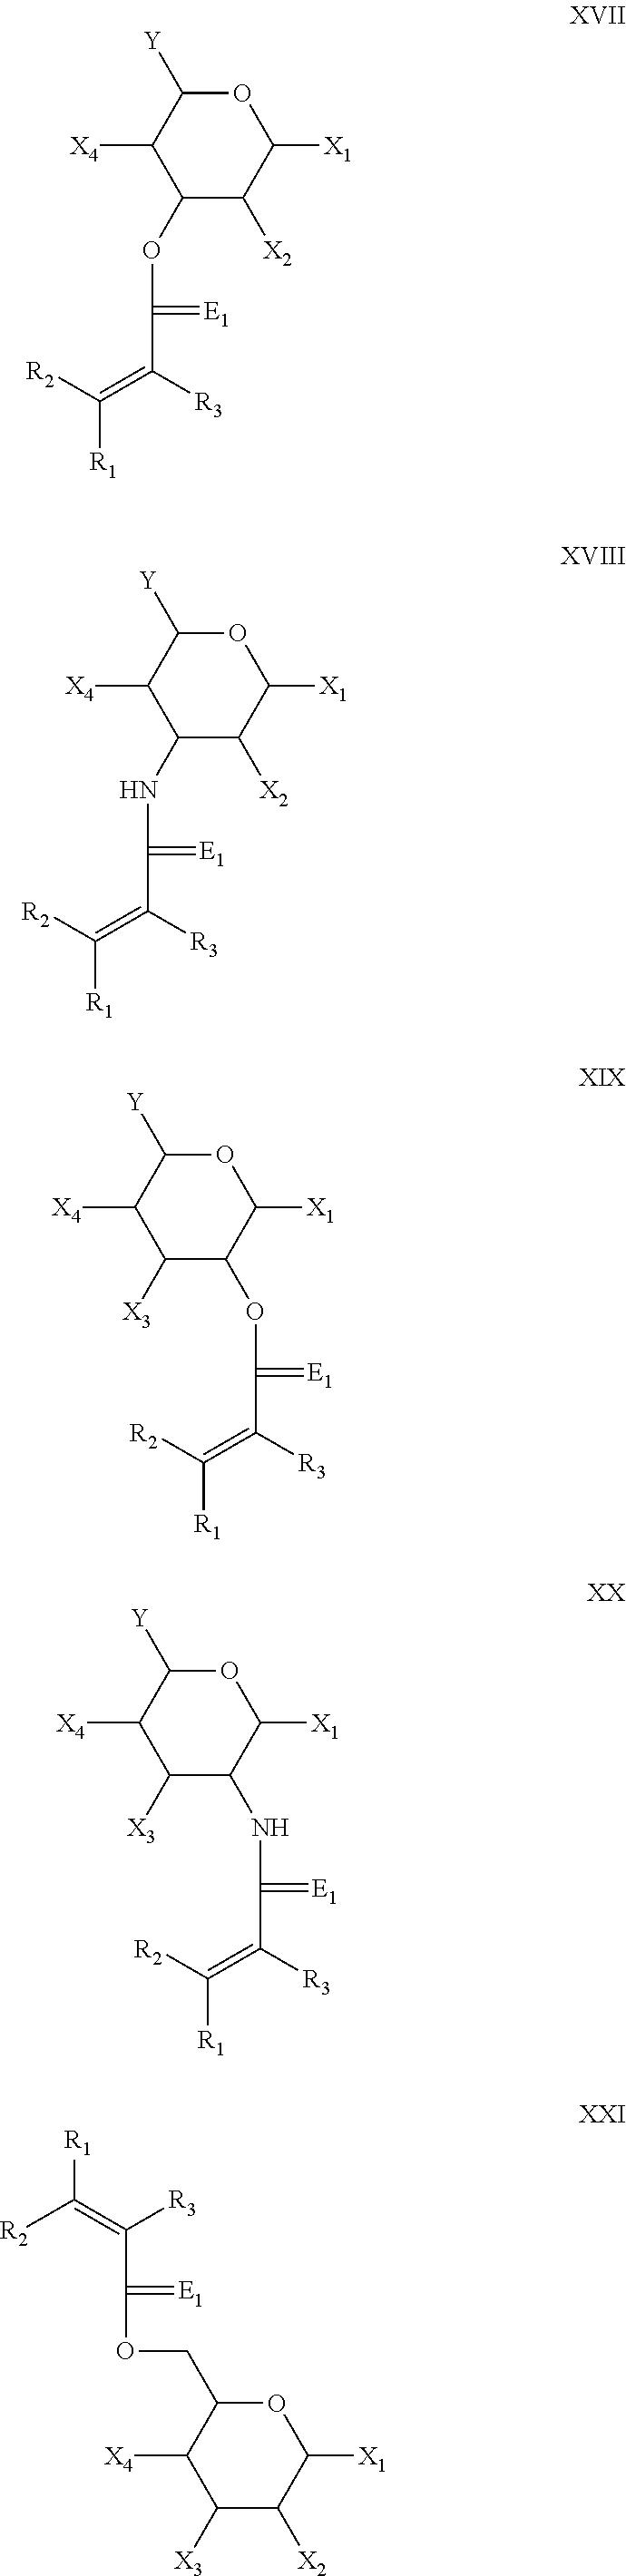 Figure US09872936-20180123-C00011